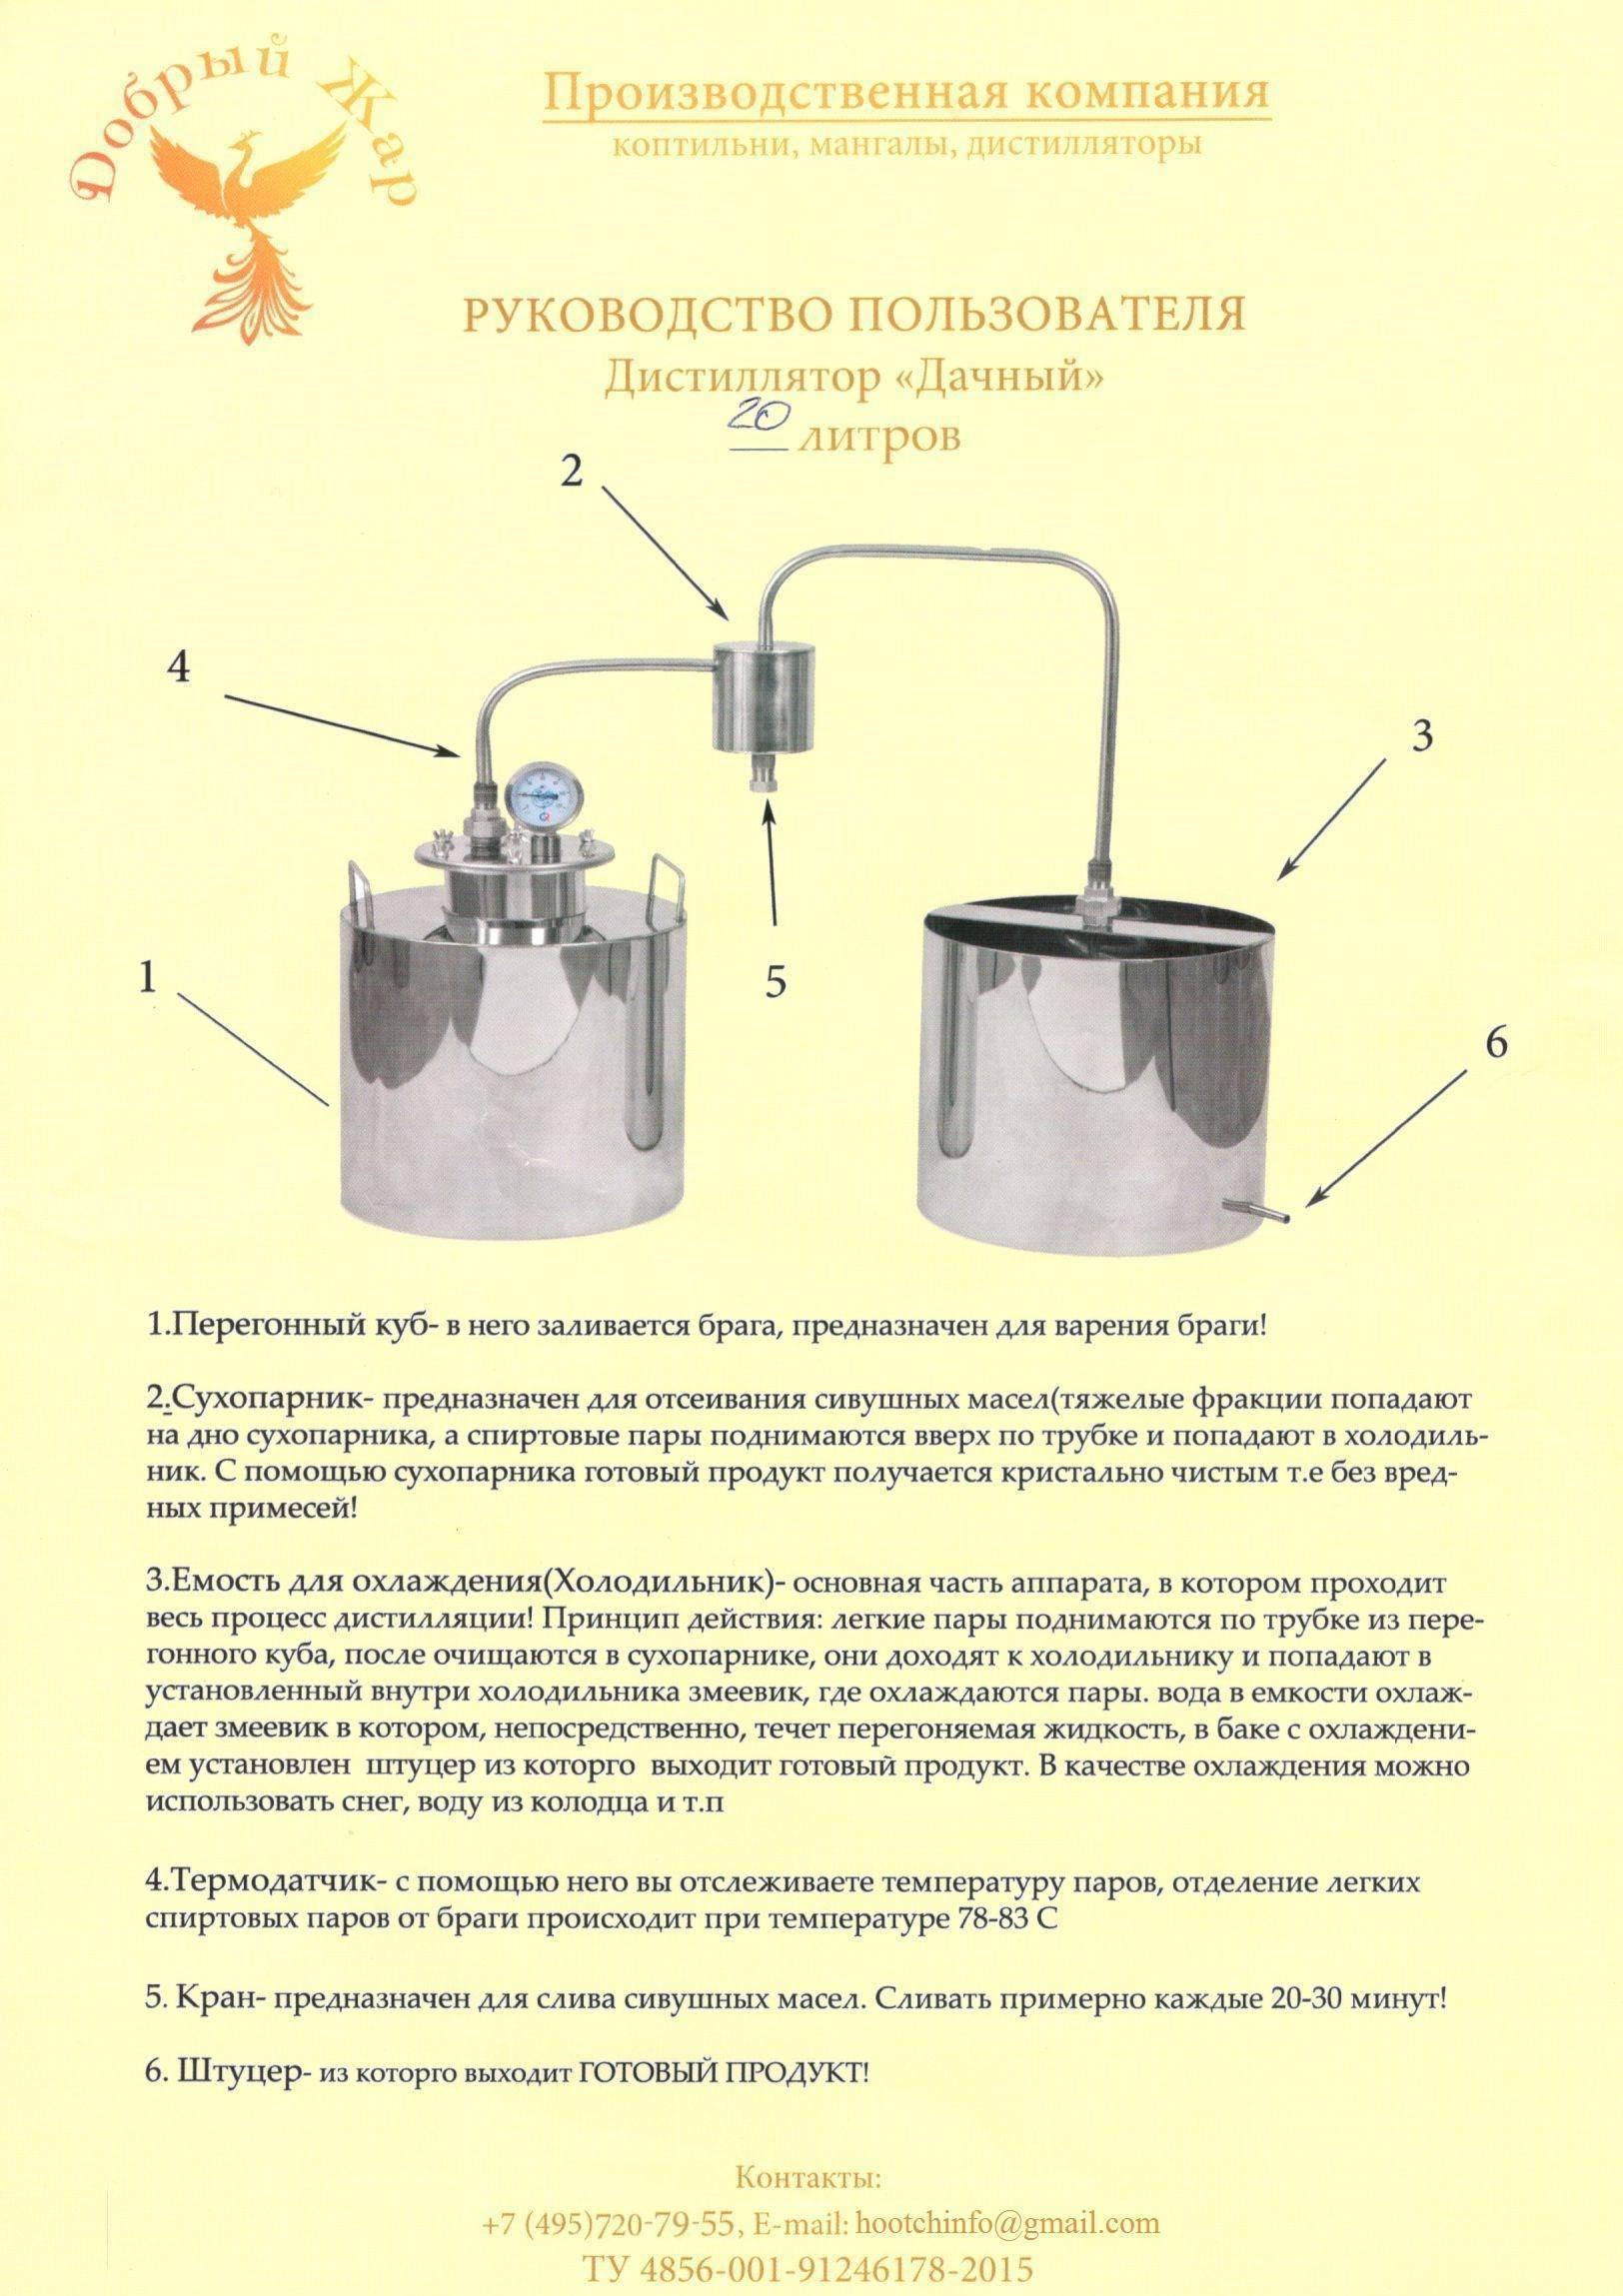 Устройство самогонного аппарата: принцип работы, схема, конструкция, из чего состоит и как работает